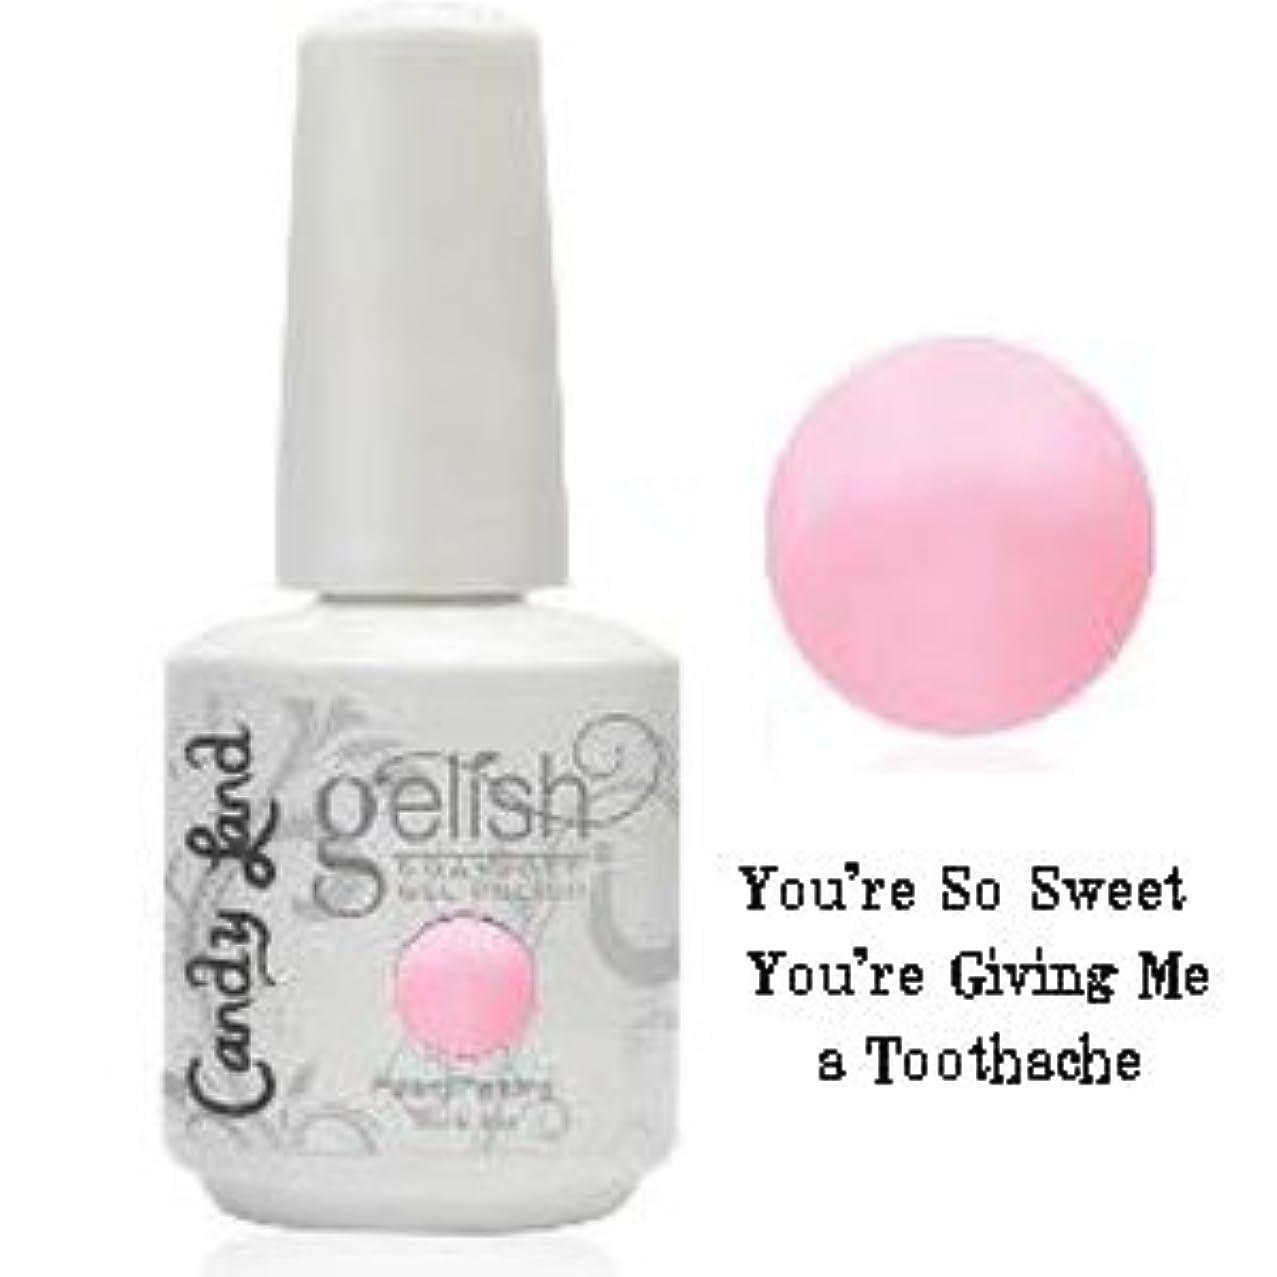 赤外線迫害韻Harmony gelishソークオフジェル-You're So Sweet You're Giving Me a Toothache -キャンディーランドコレクション 15ml [海外直送品][並行輸入品]